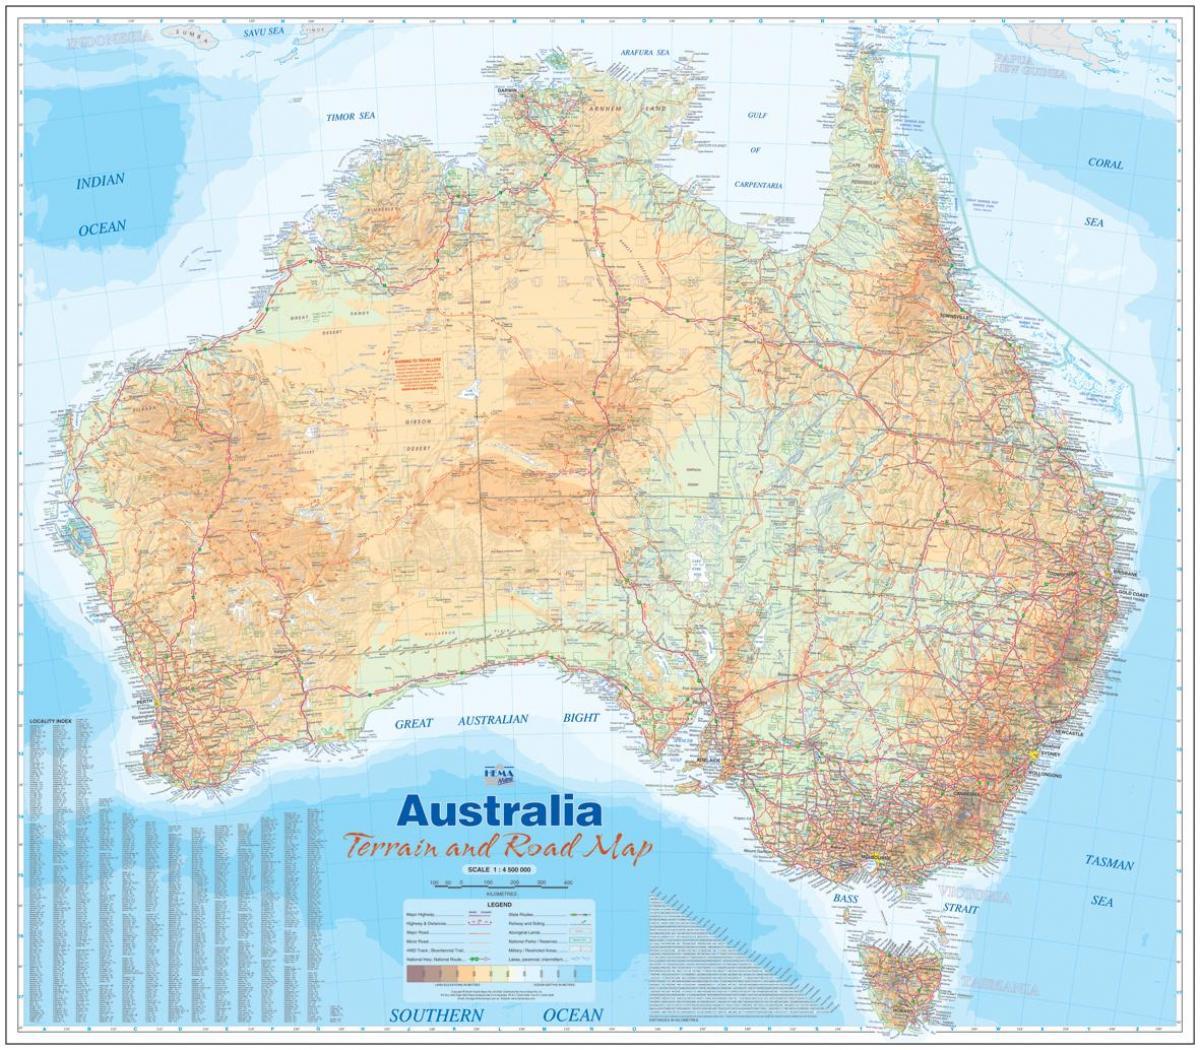 ausztrália domborzati térkép Ausztrália domborzati térkép   domborzati térkép Ausztrália  ausztrália domborzati térkép